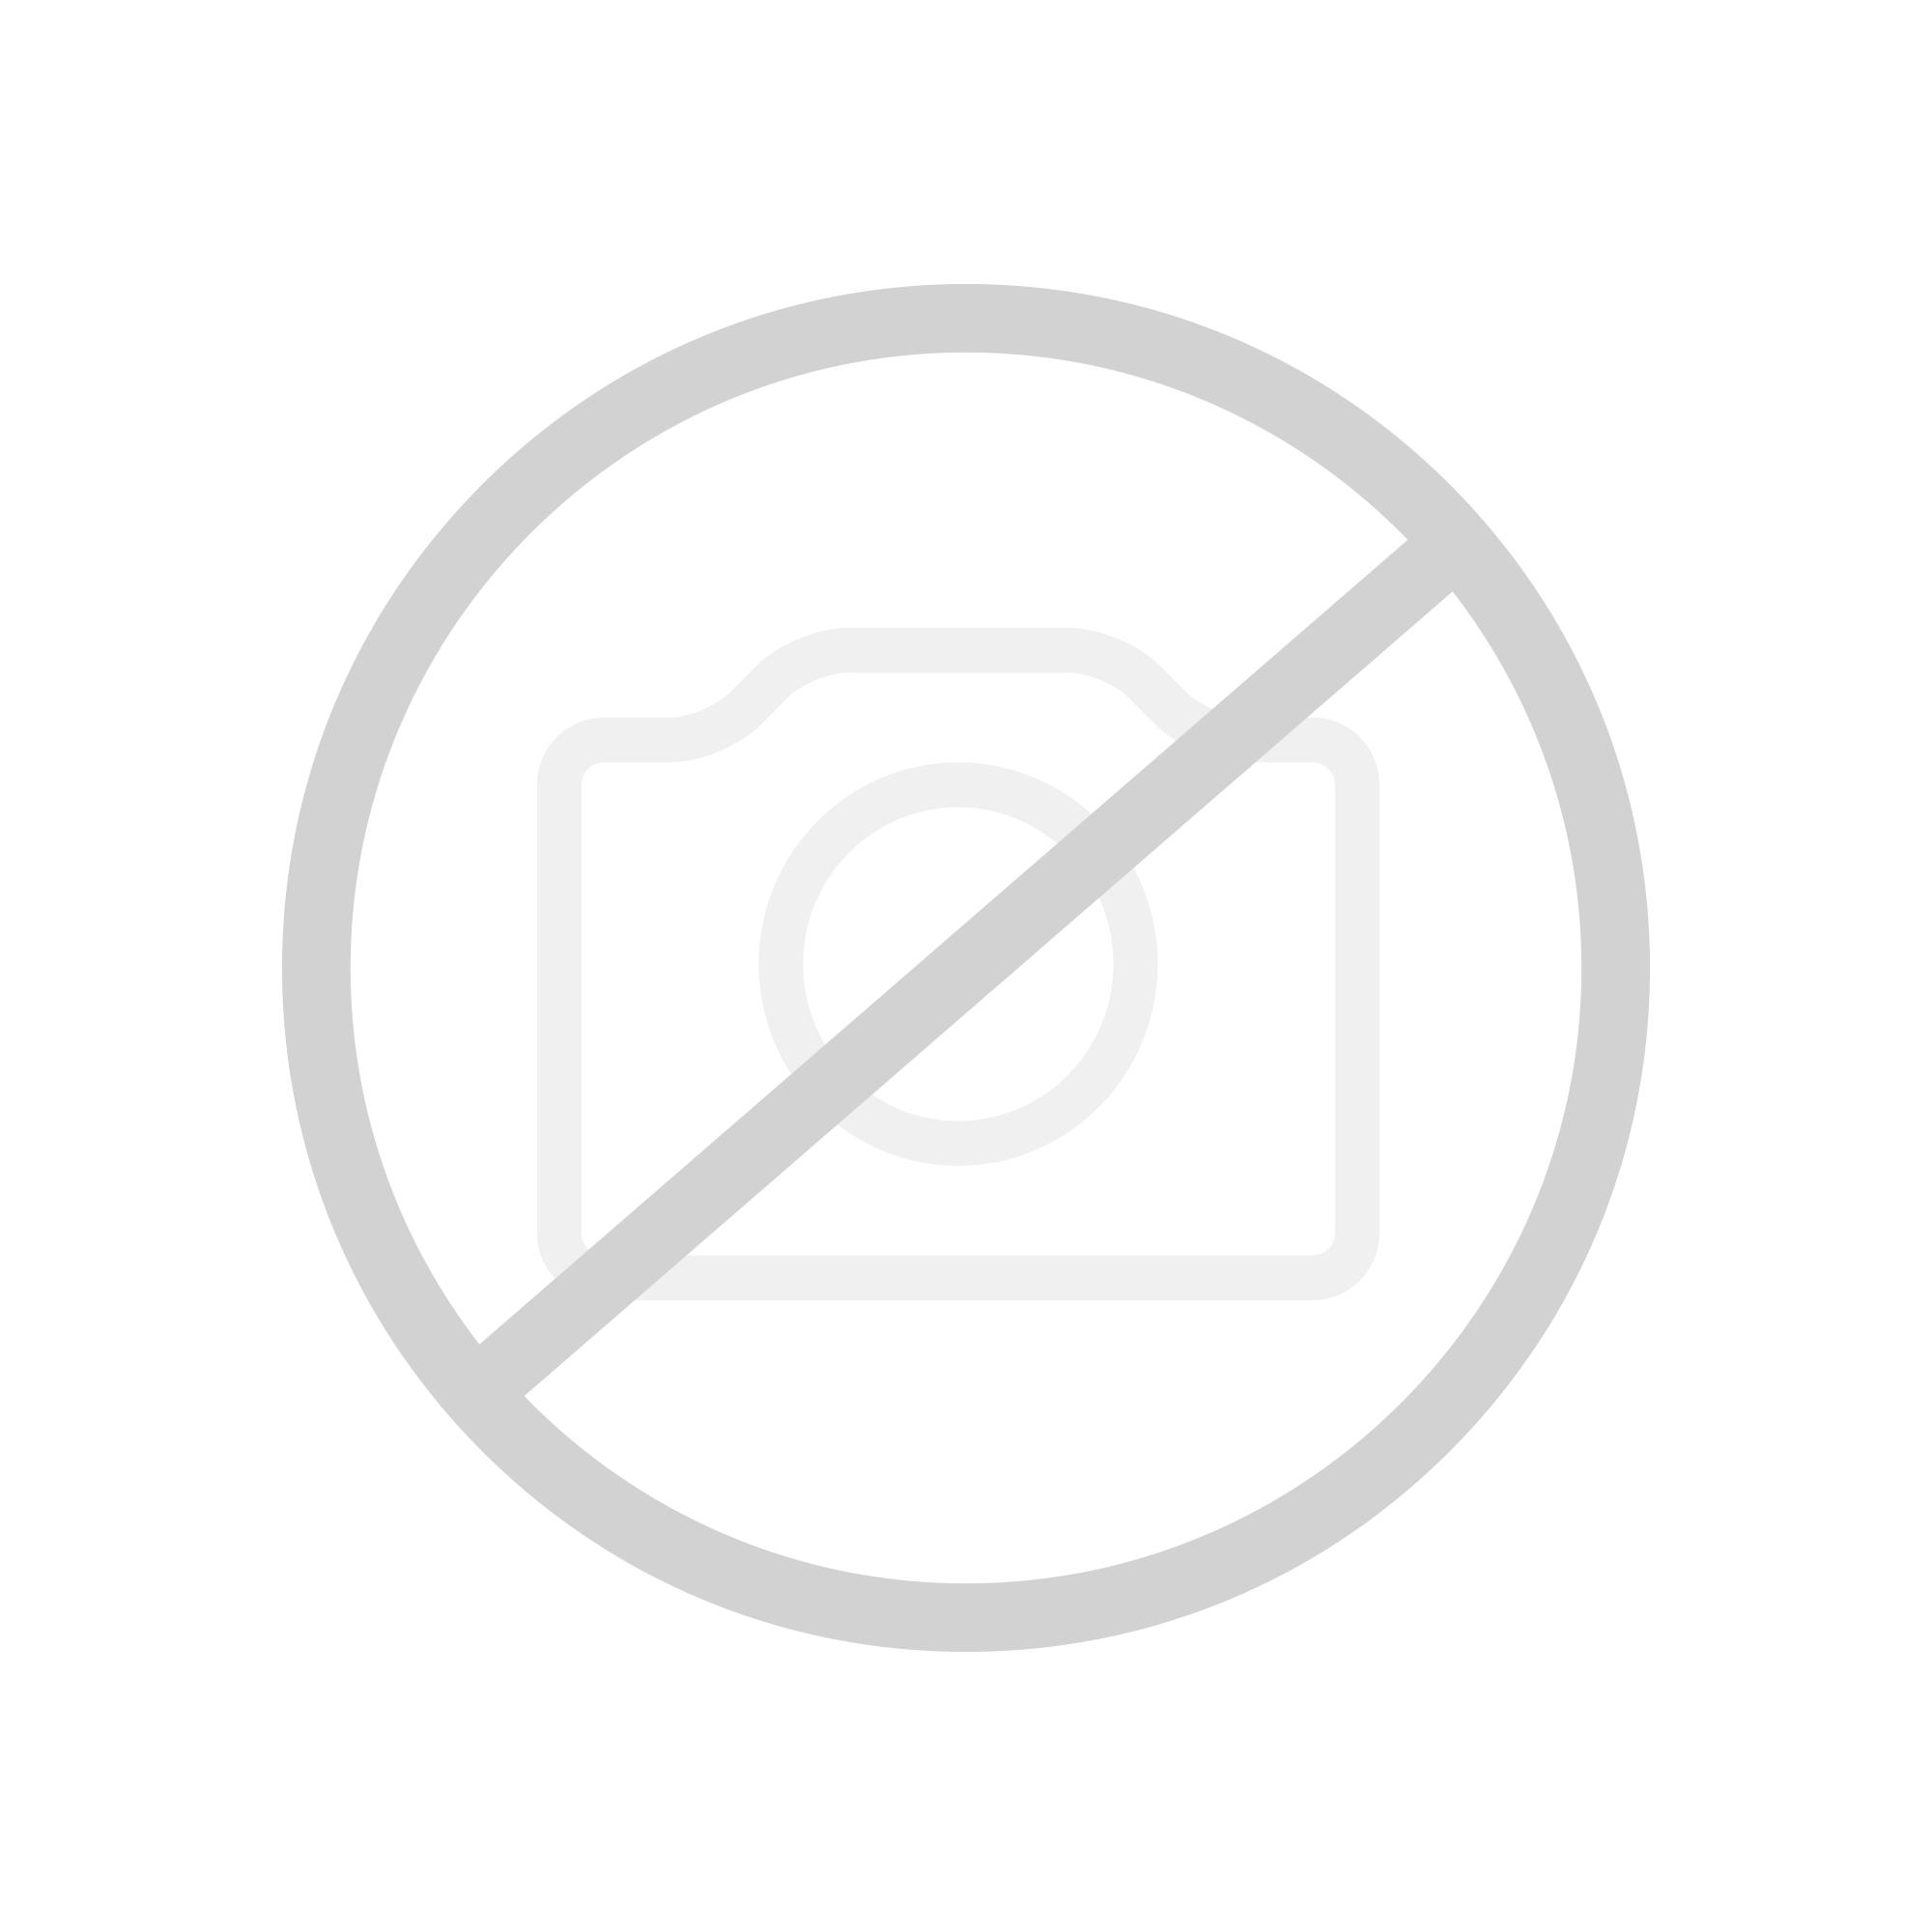 Geberit Duofix Bausatz für Vorwandmontage